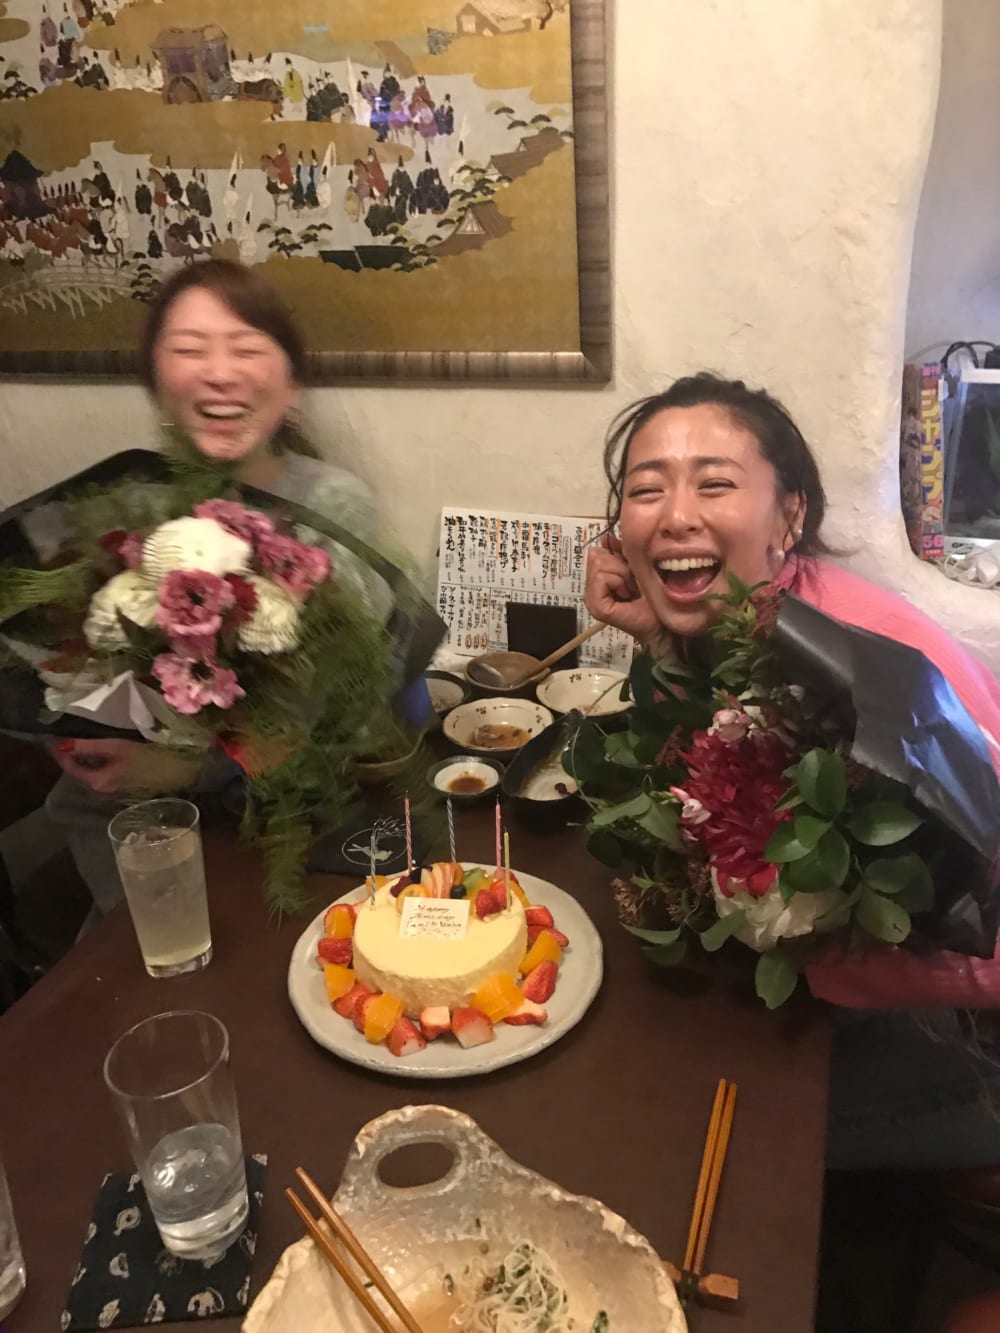 2019/02/nozawa8-e1550657862265.jpg